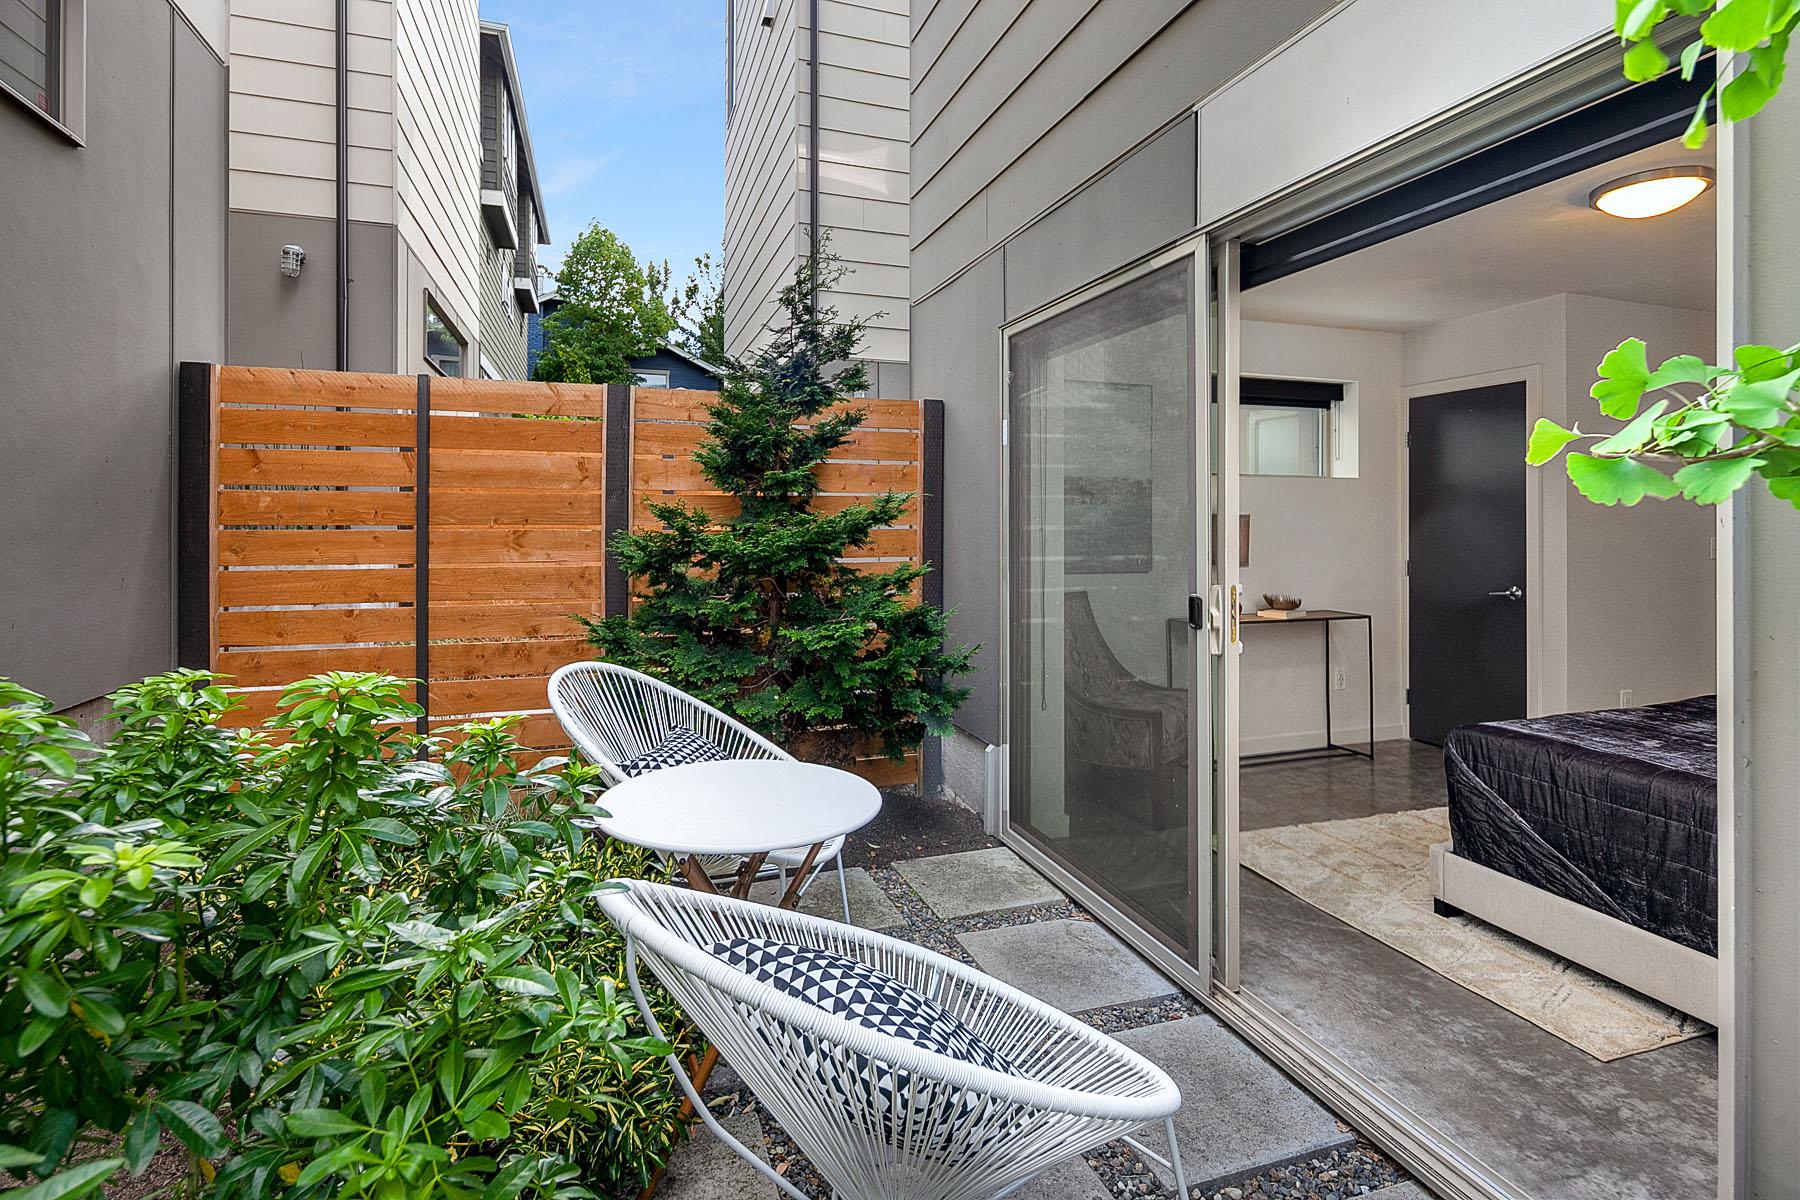 patioside.jpg